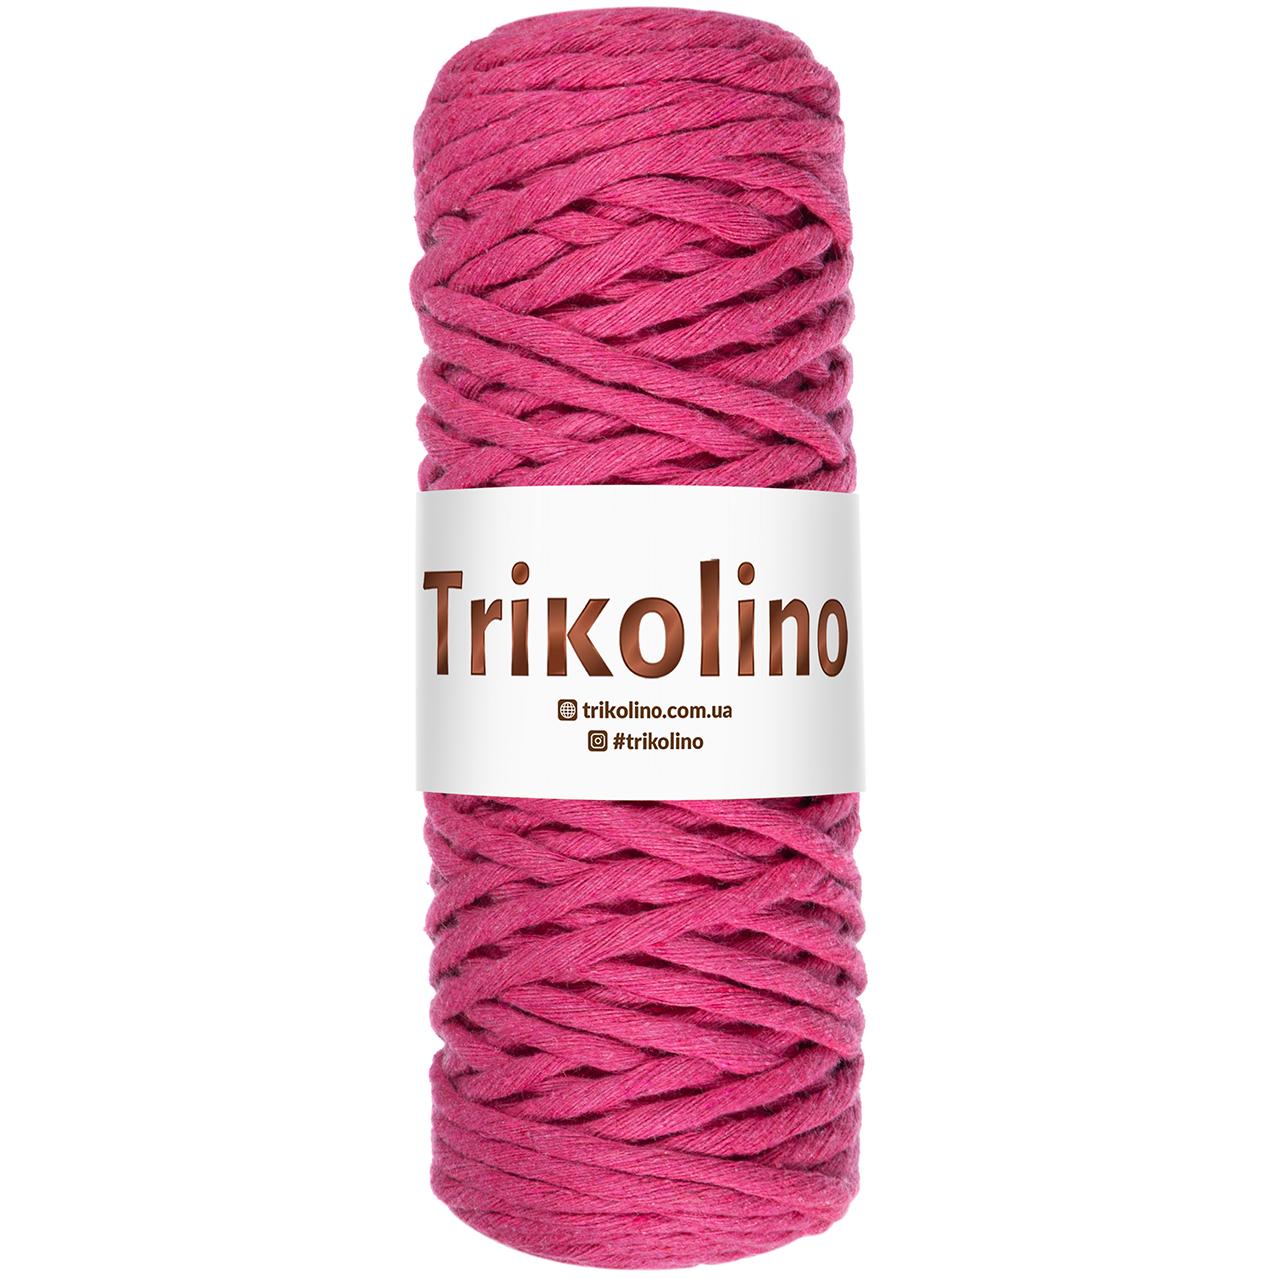 Шнур для макраме Trikolino Малиновый 4-6мм